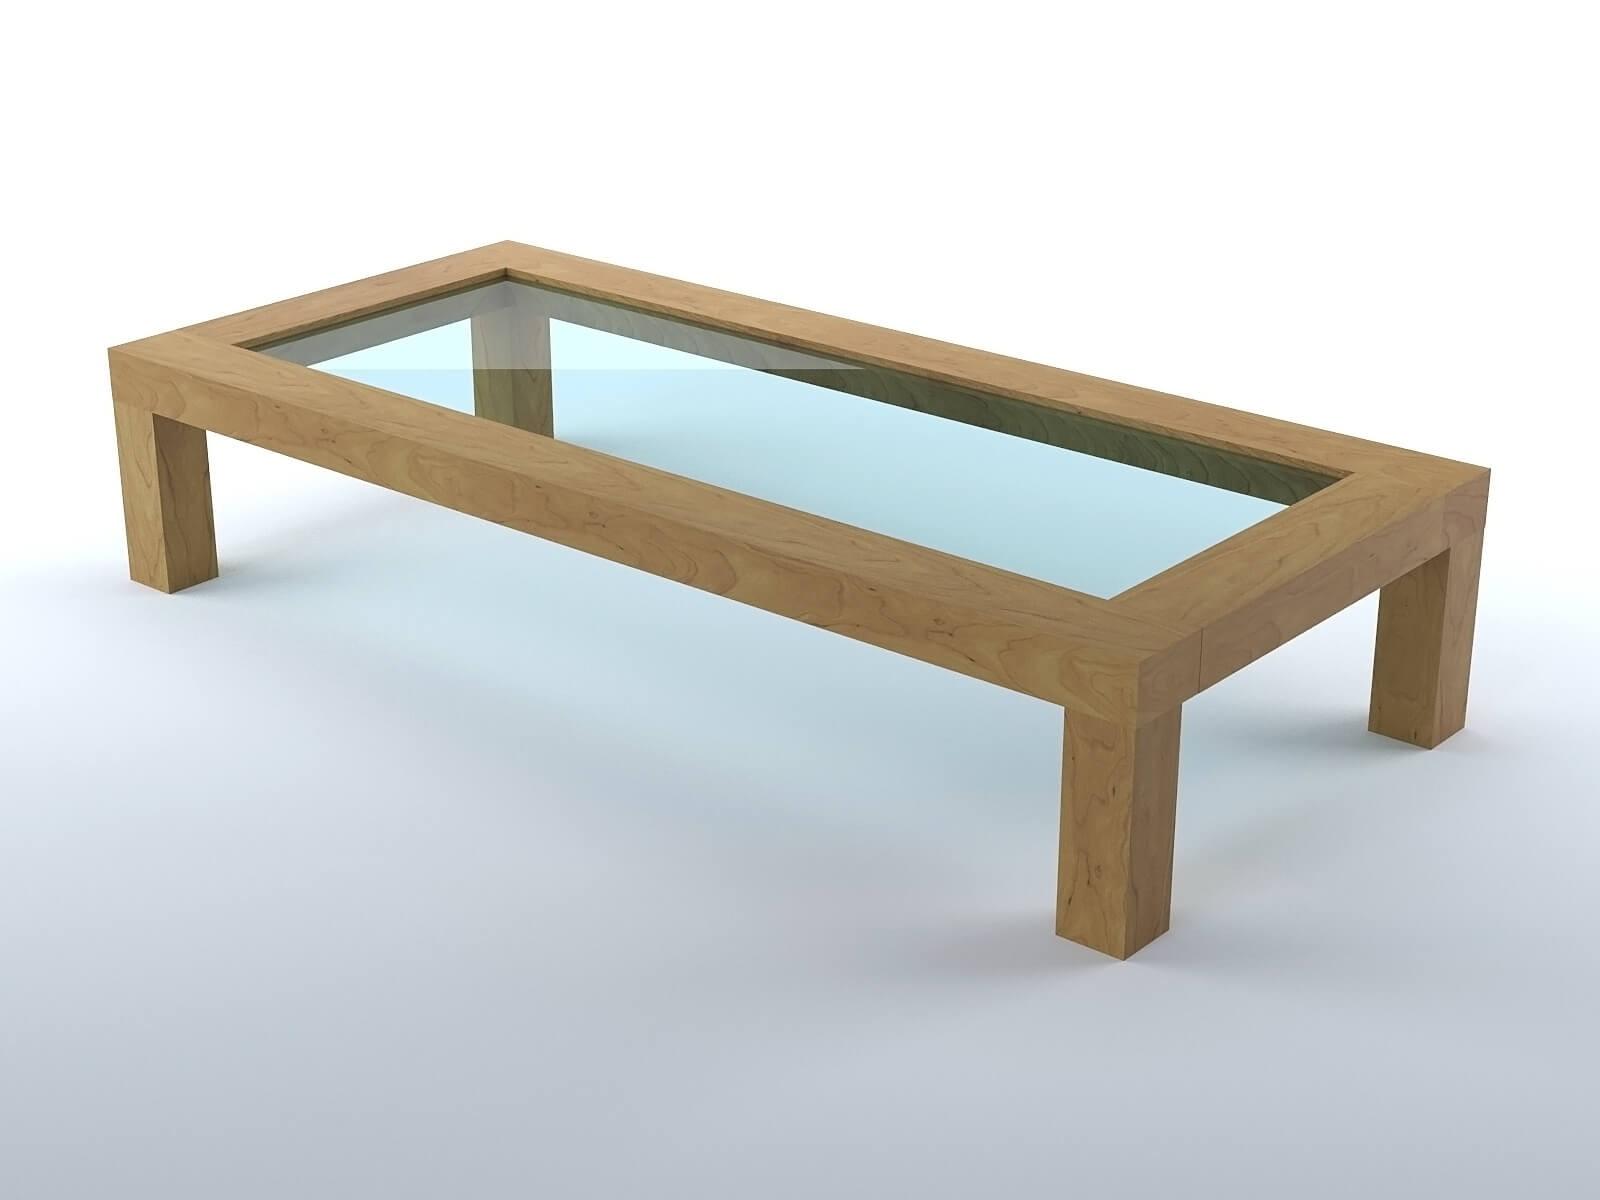 Table Basse De Salon En Bois Modele 3d